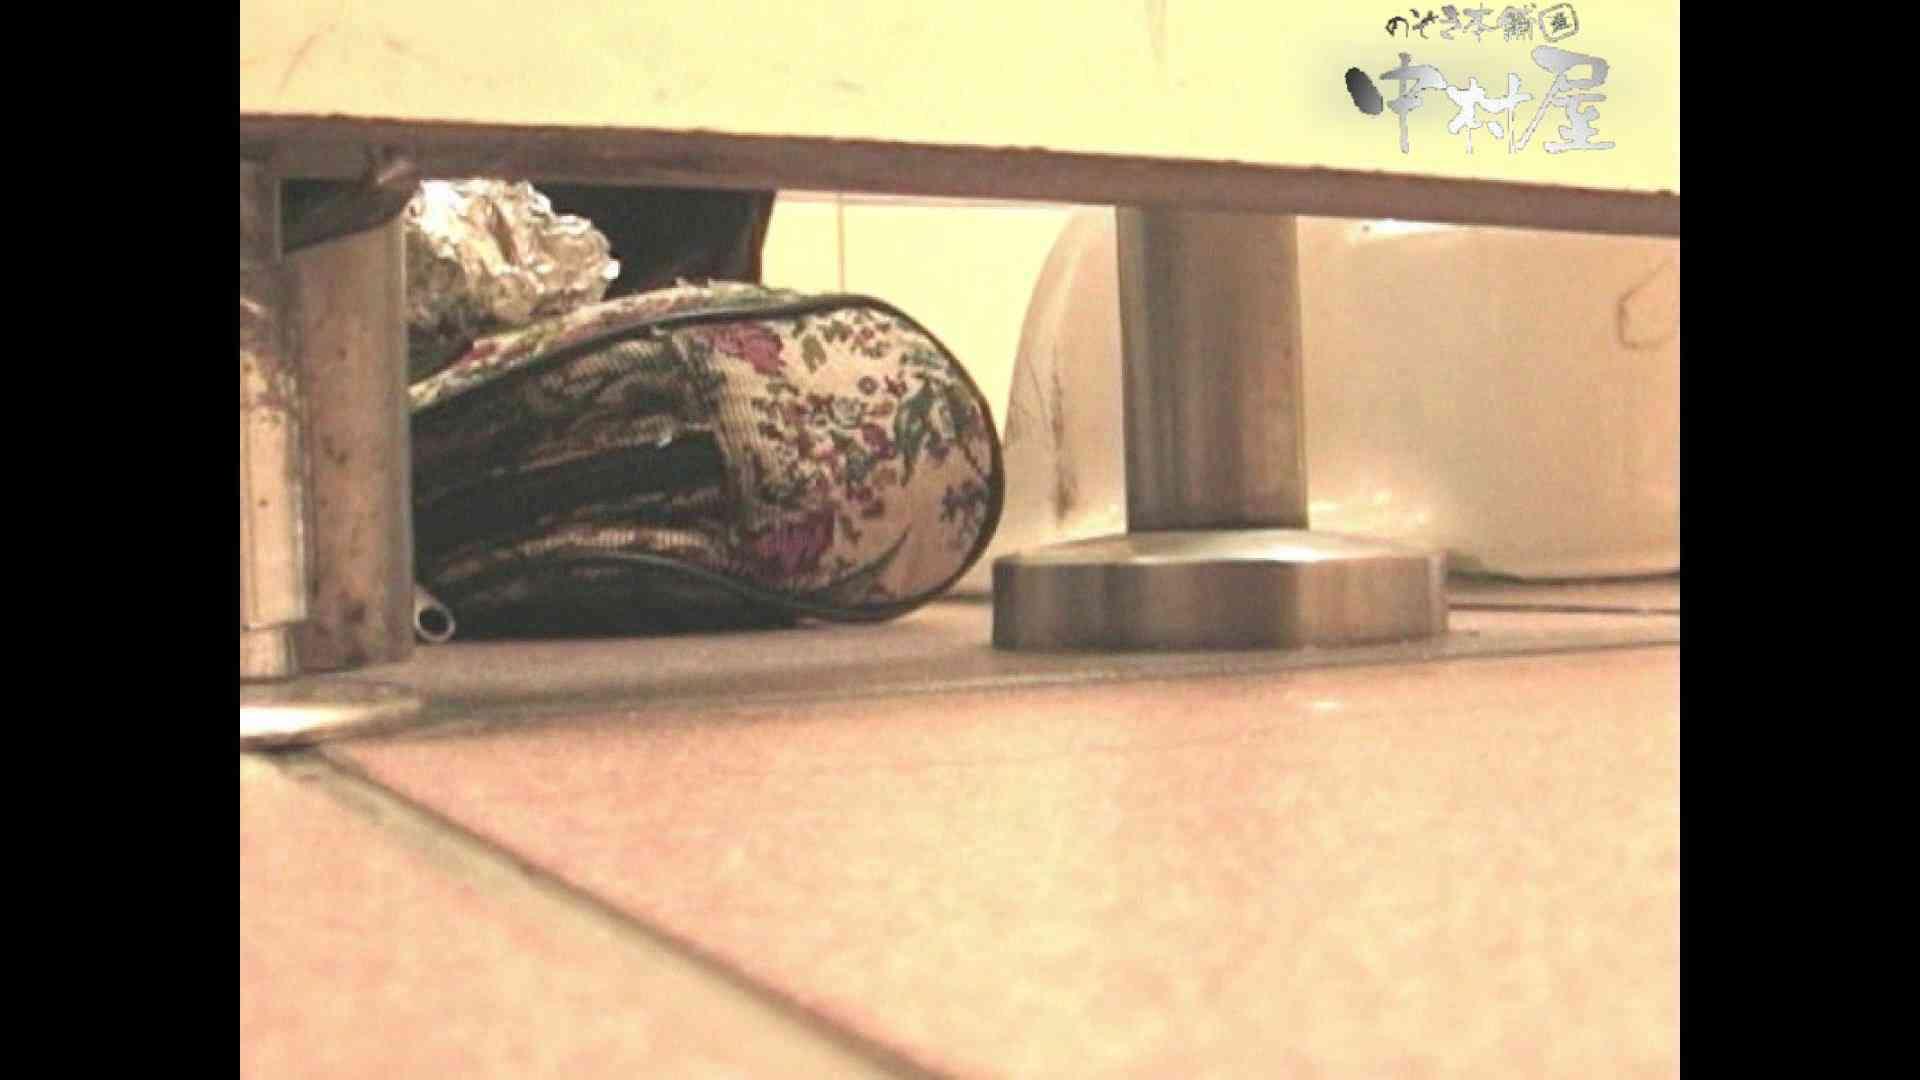 岩手県在住盗撮師盗撮記録vol.05 盗撮師作品 濡れ場動画紹介 77pic 31